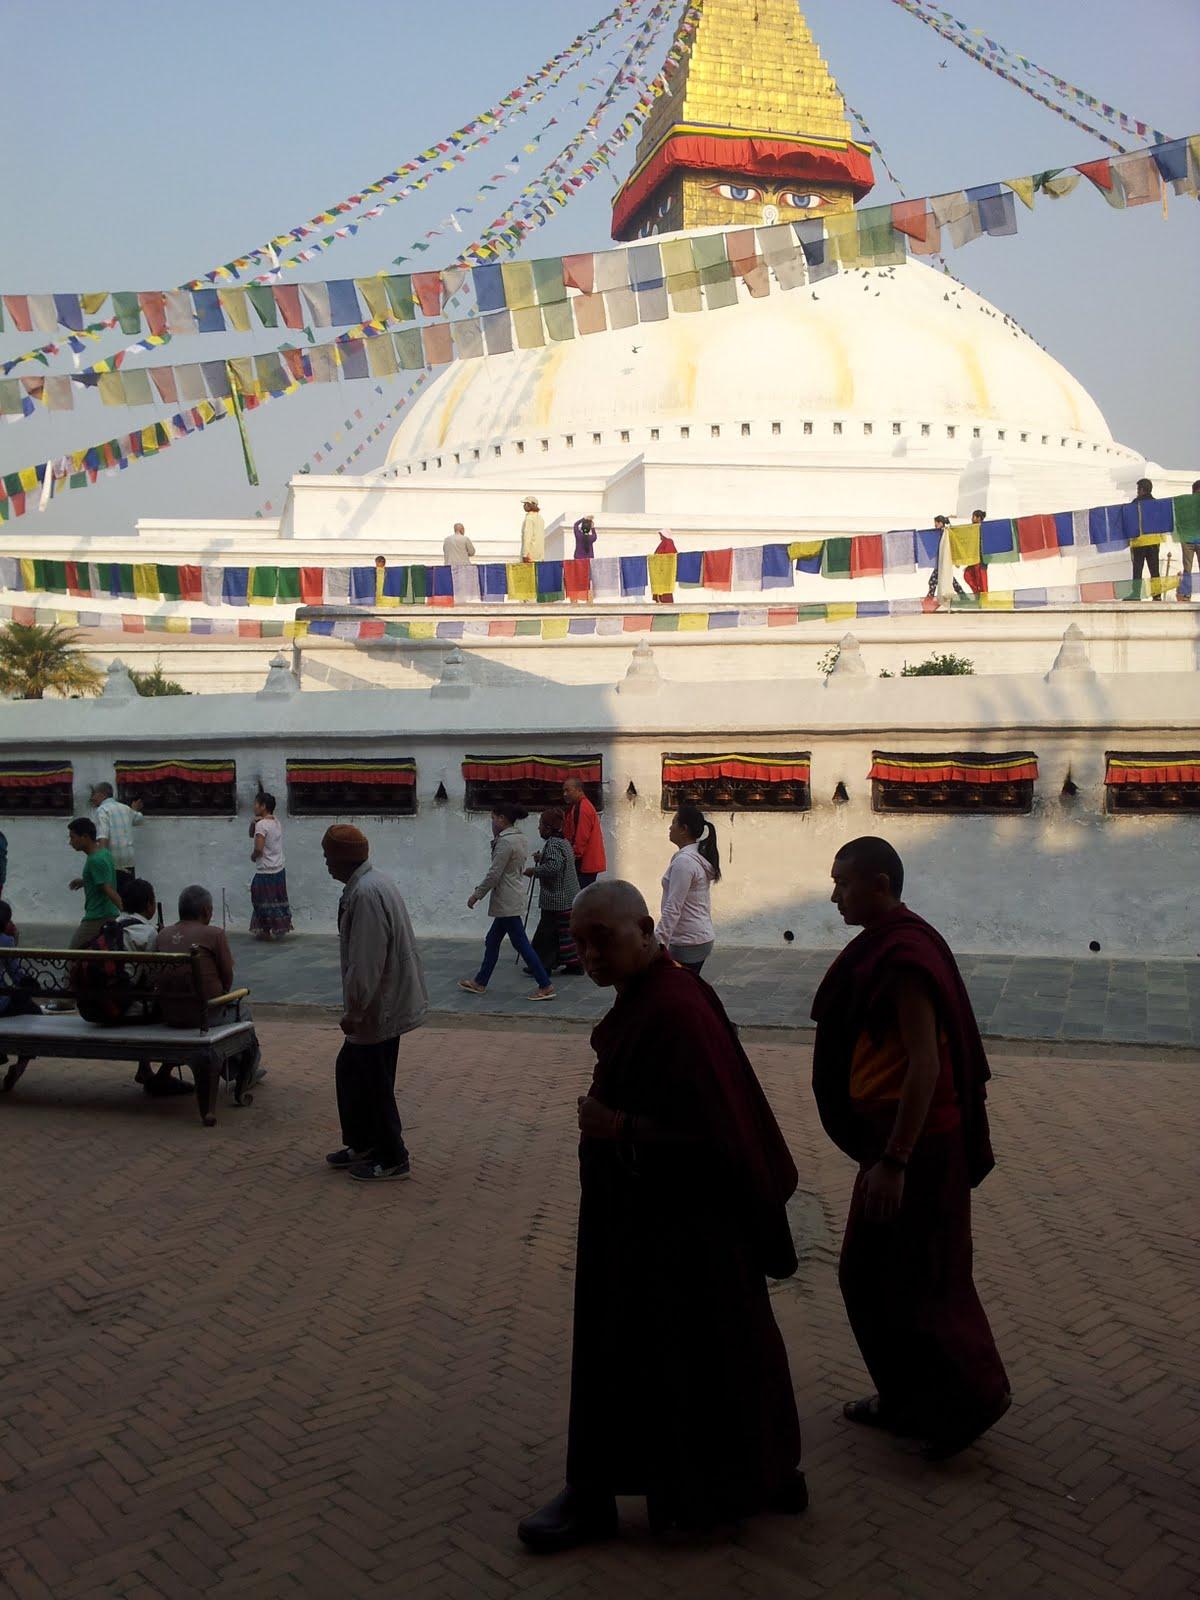 Rinpoche circumambulating Bouddha Stupa. 21 April 2013. Photo by Ven. Roger Kunsang.